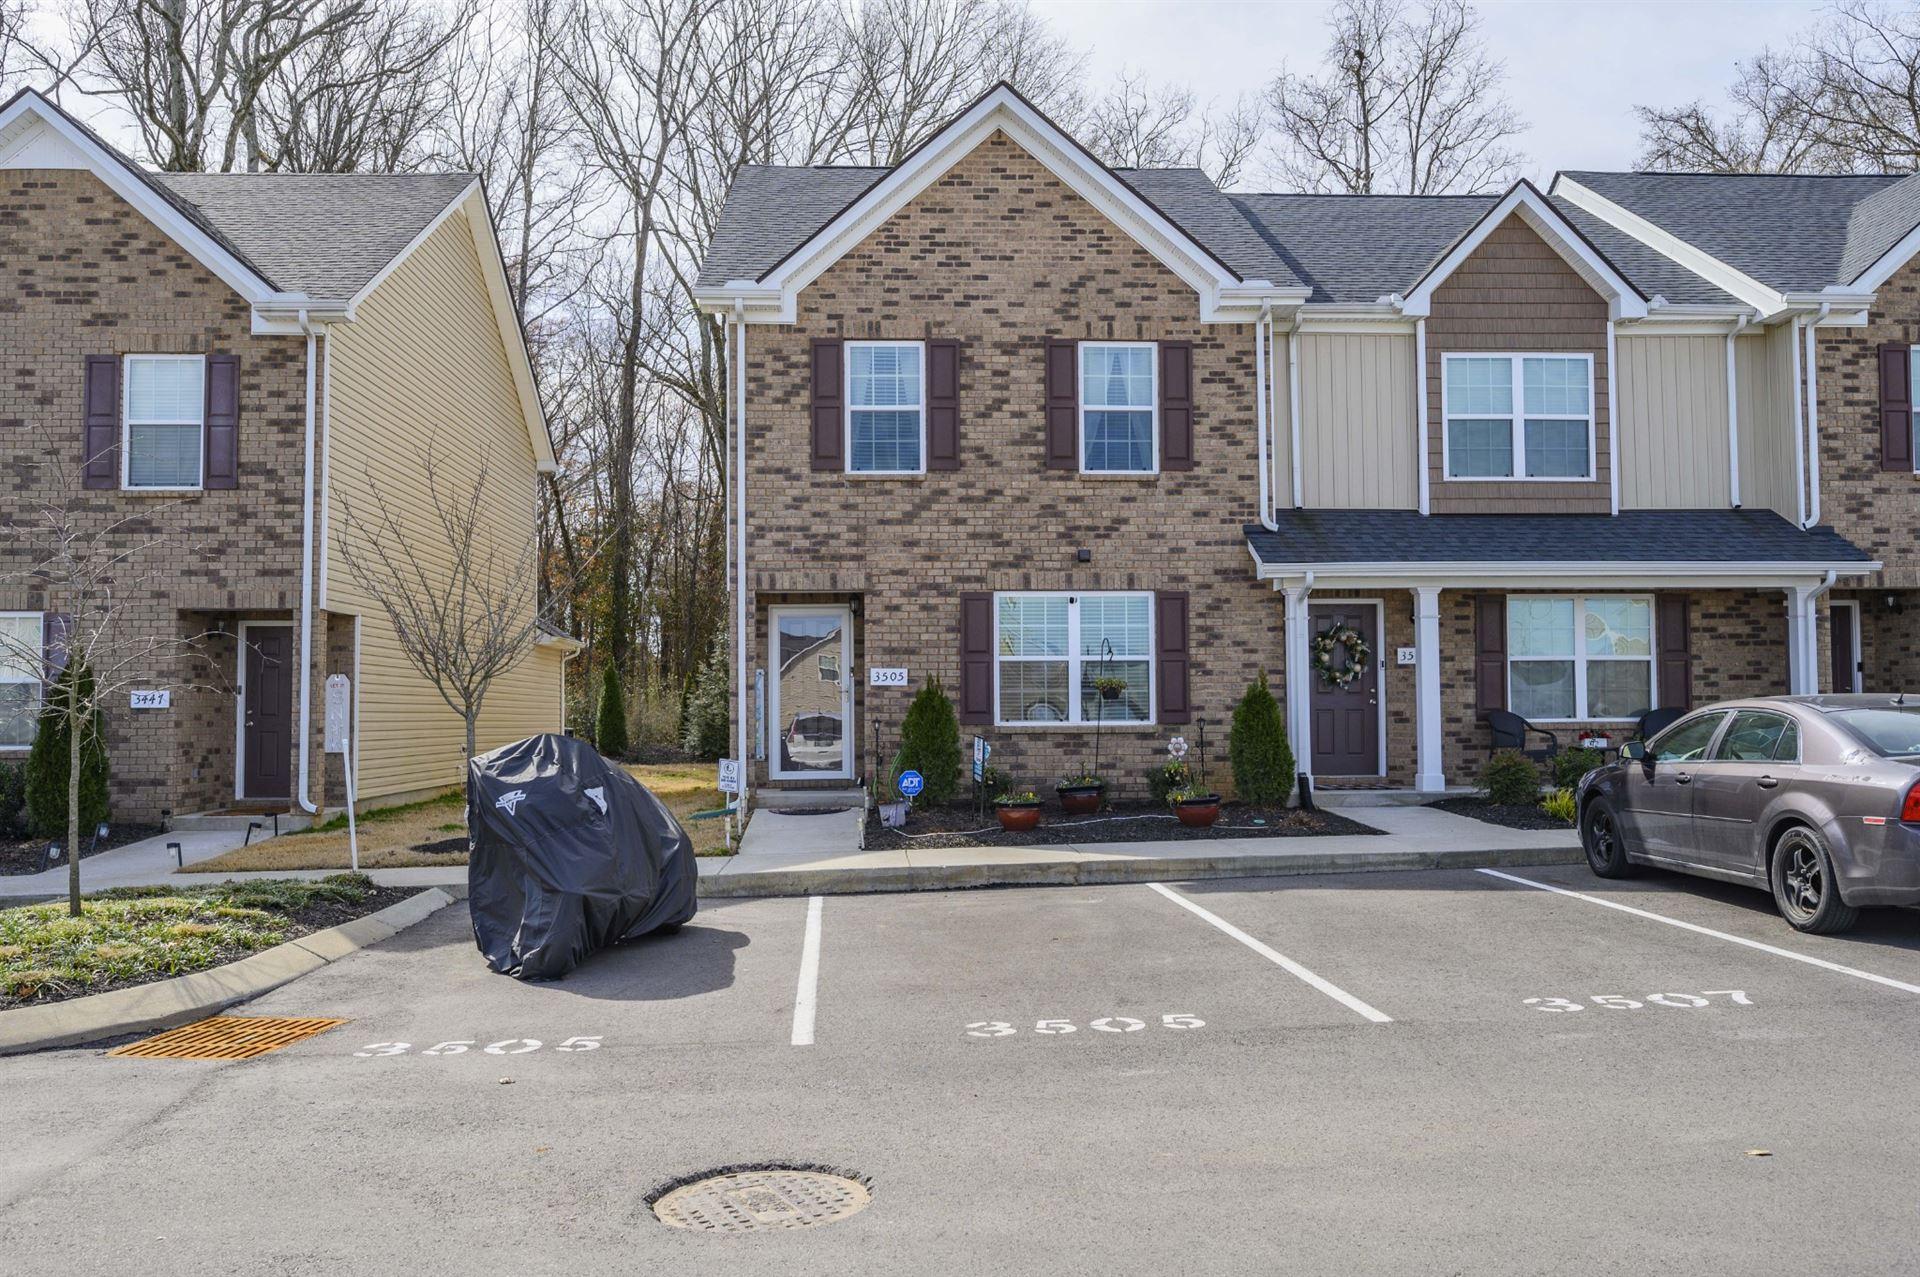 3505 Nightshade Dr, Murfreesboro, TN 37128 - MLS#: 2232554